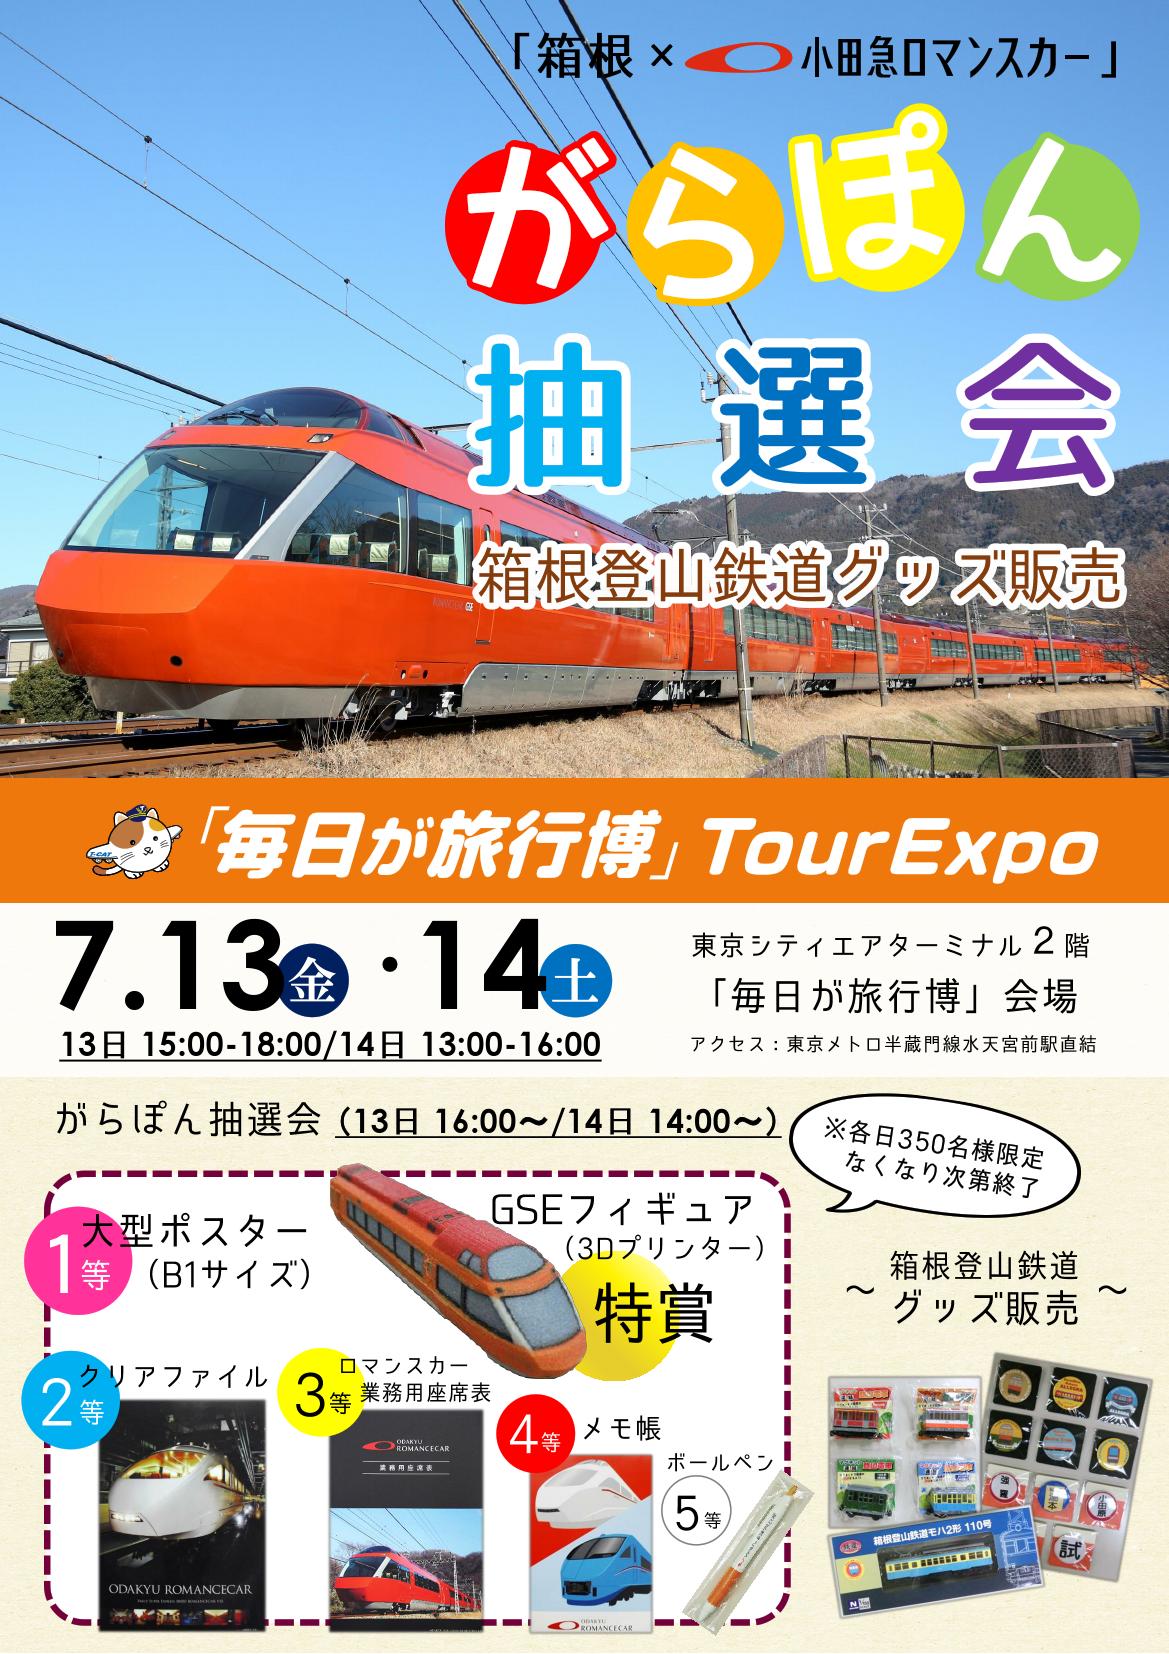 「箱根×小田急ロマンスカー」イベント